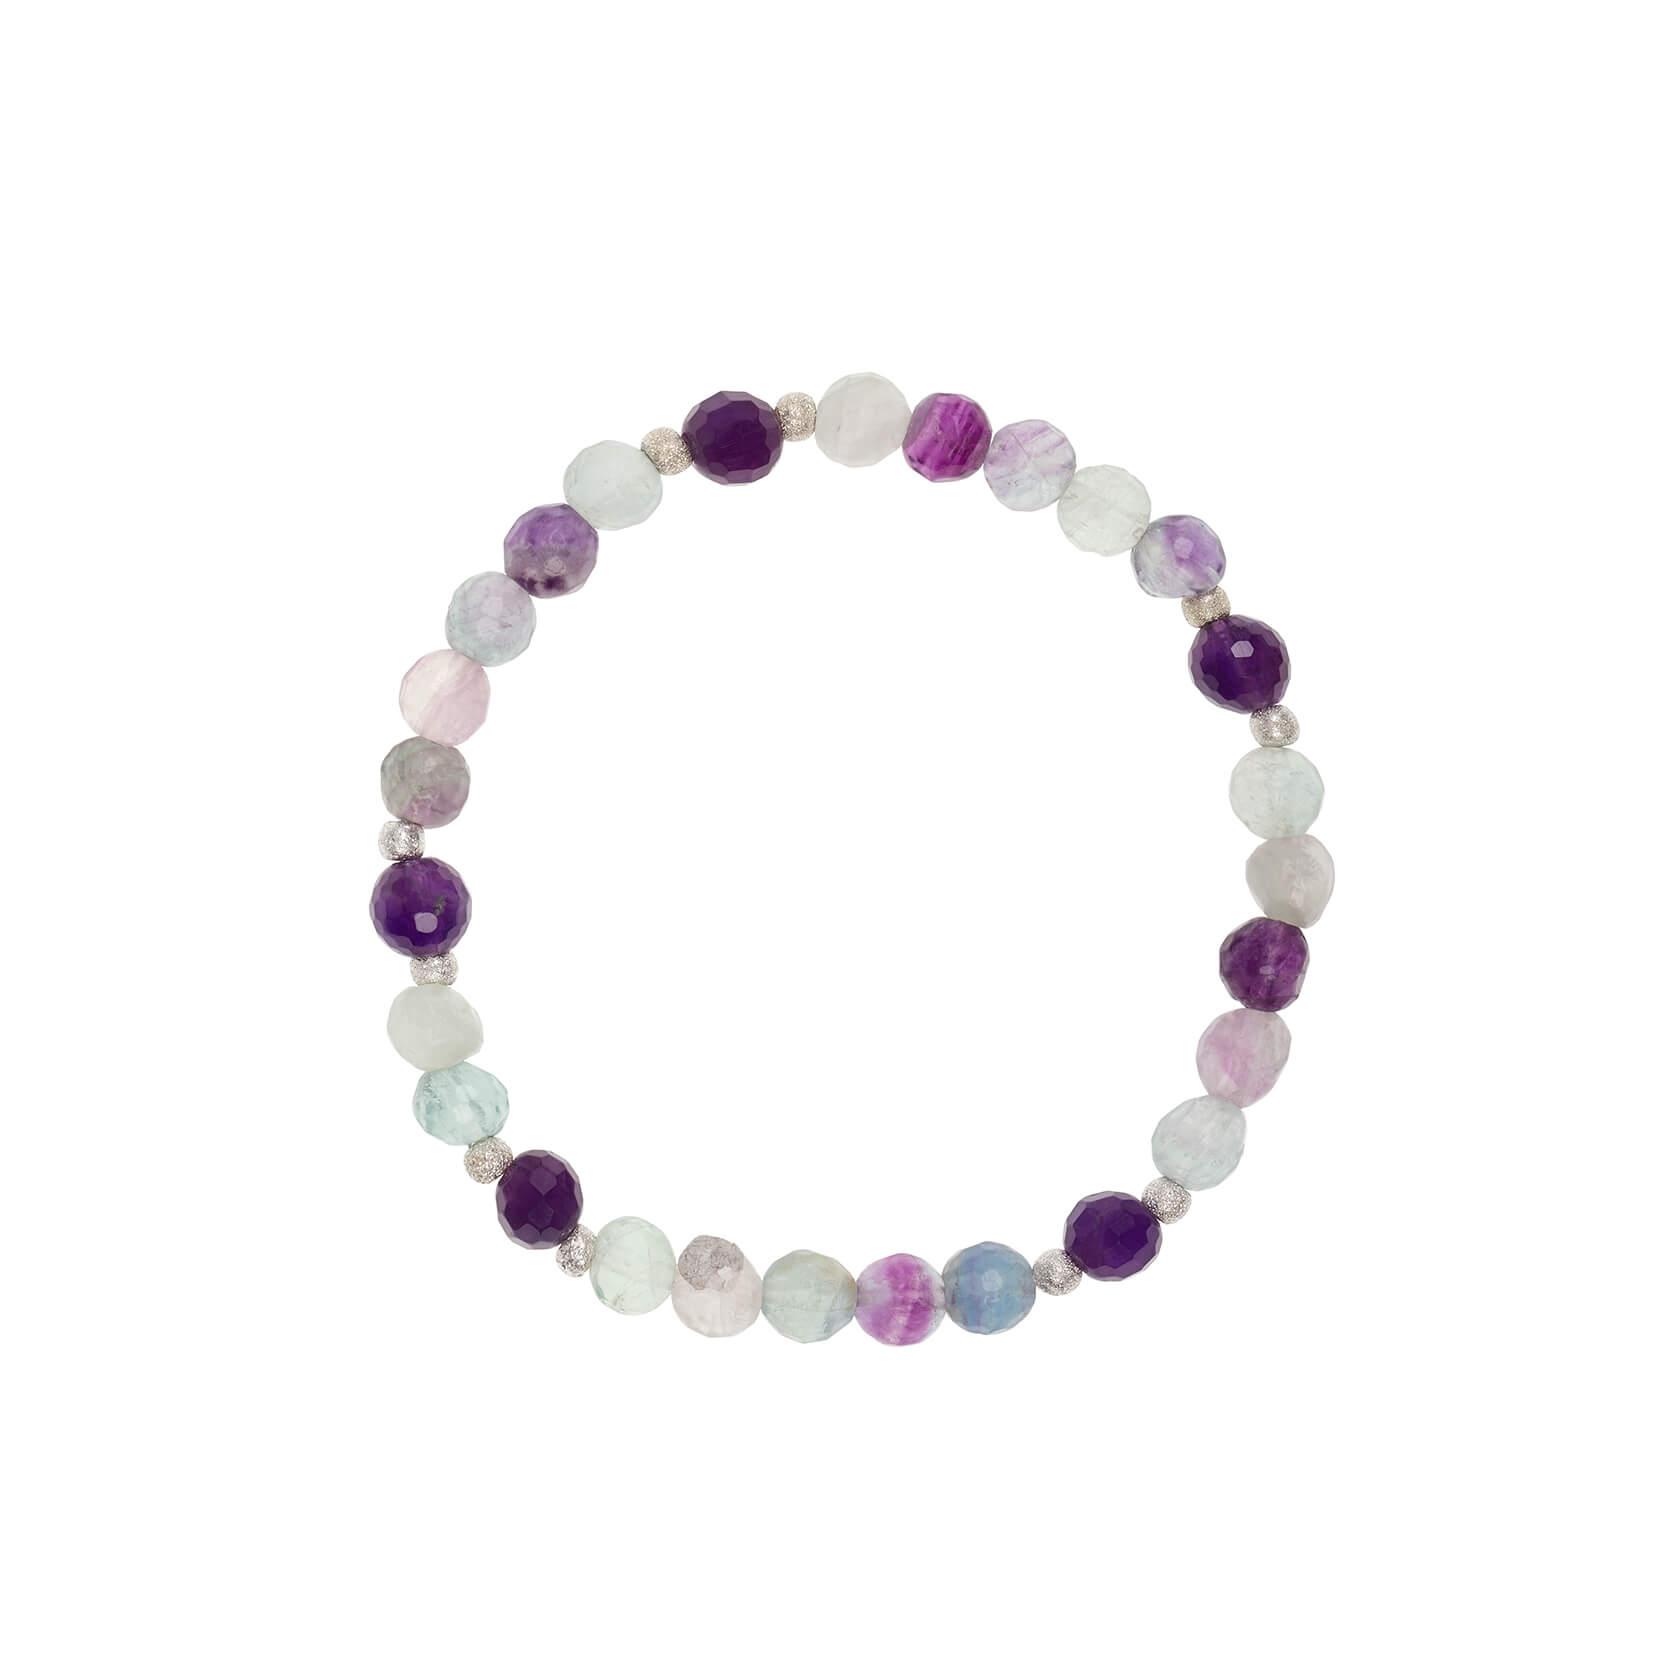 Fluorite elastic bracelet marybola